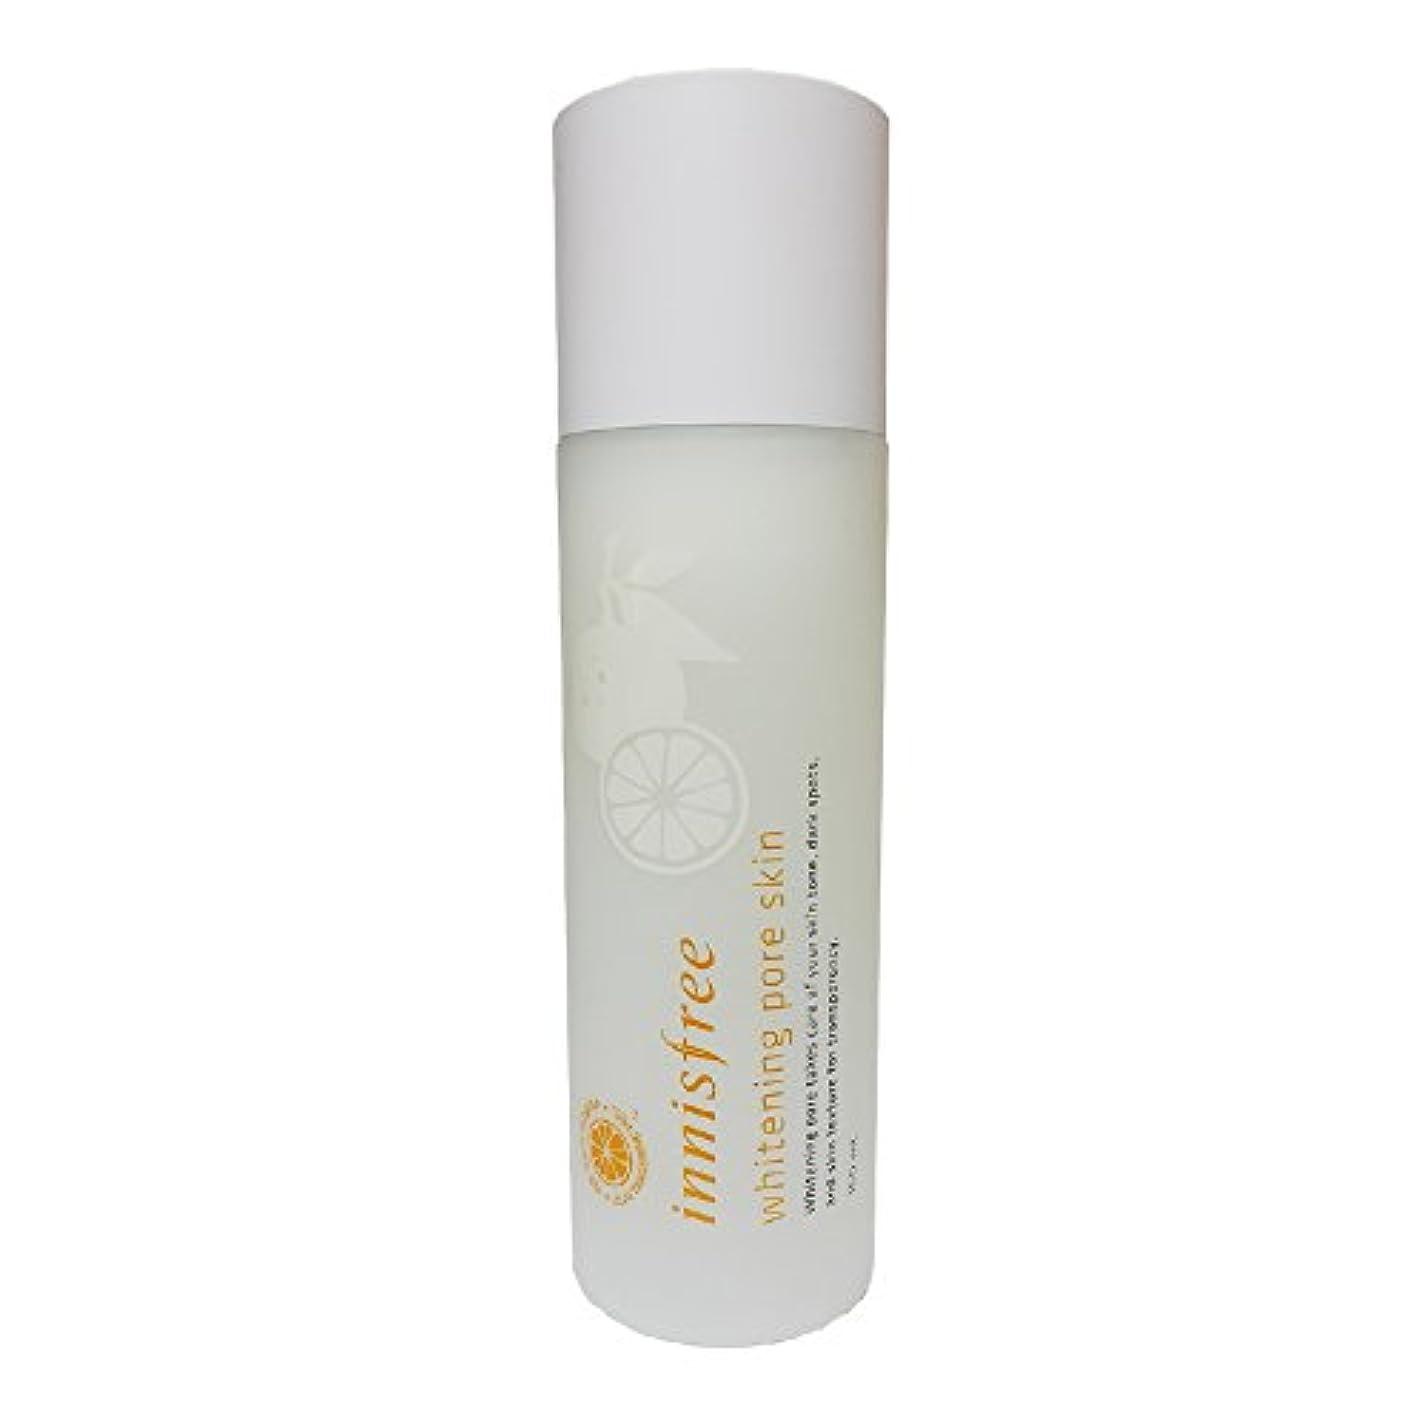 プリーツ技術増強する[イニスフリー] Innisfree ホワイトニング毛穴スキン (150ml) Innisfree Whitening Pore Skin(150ml) [海外直送品]